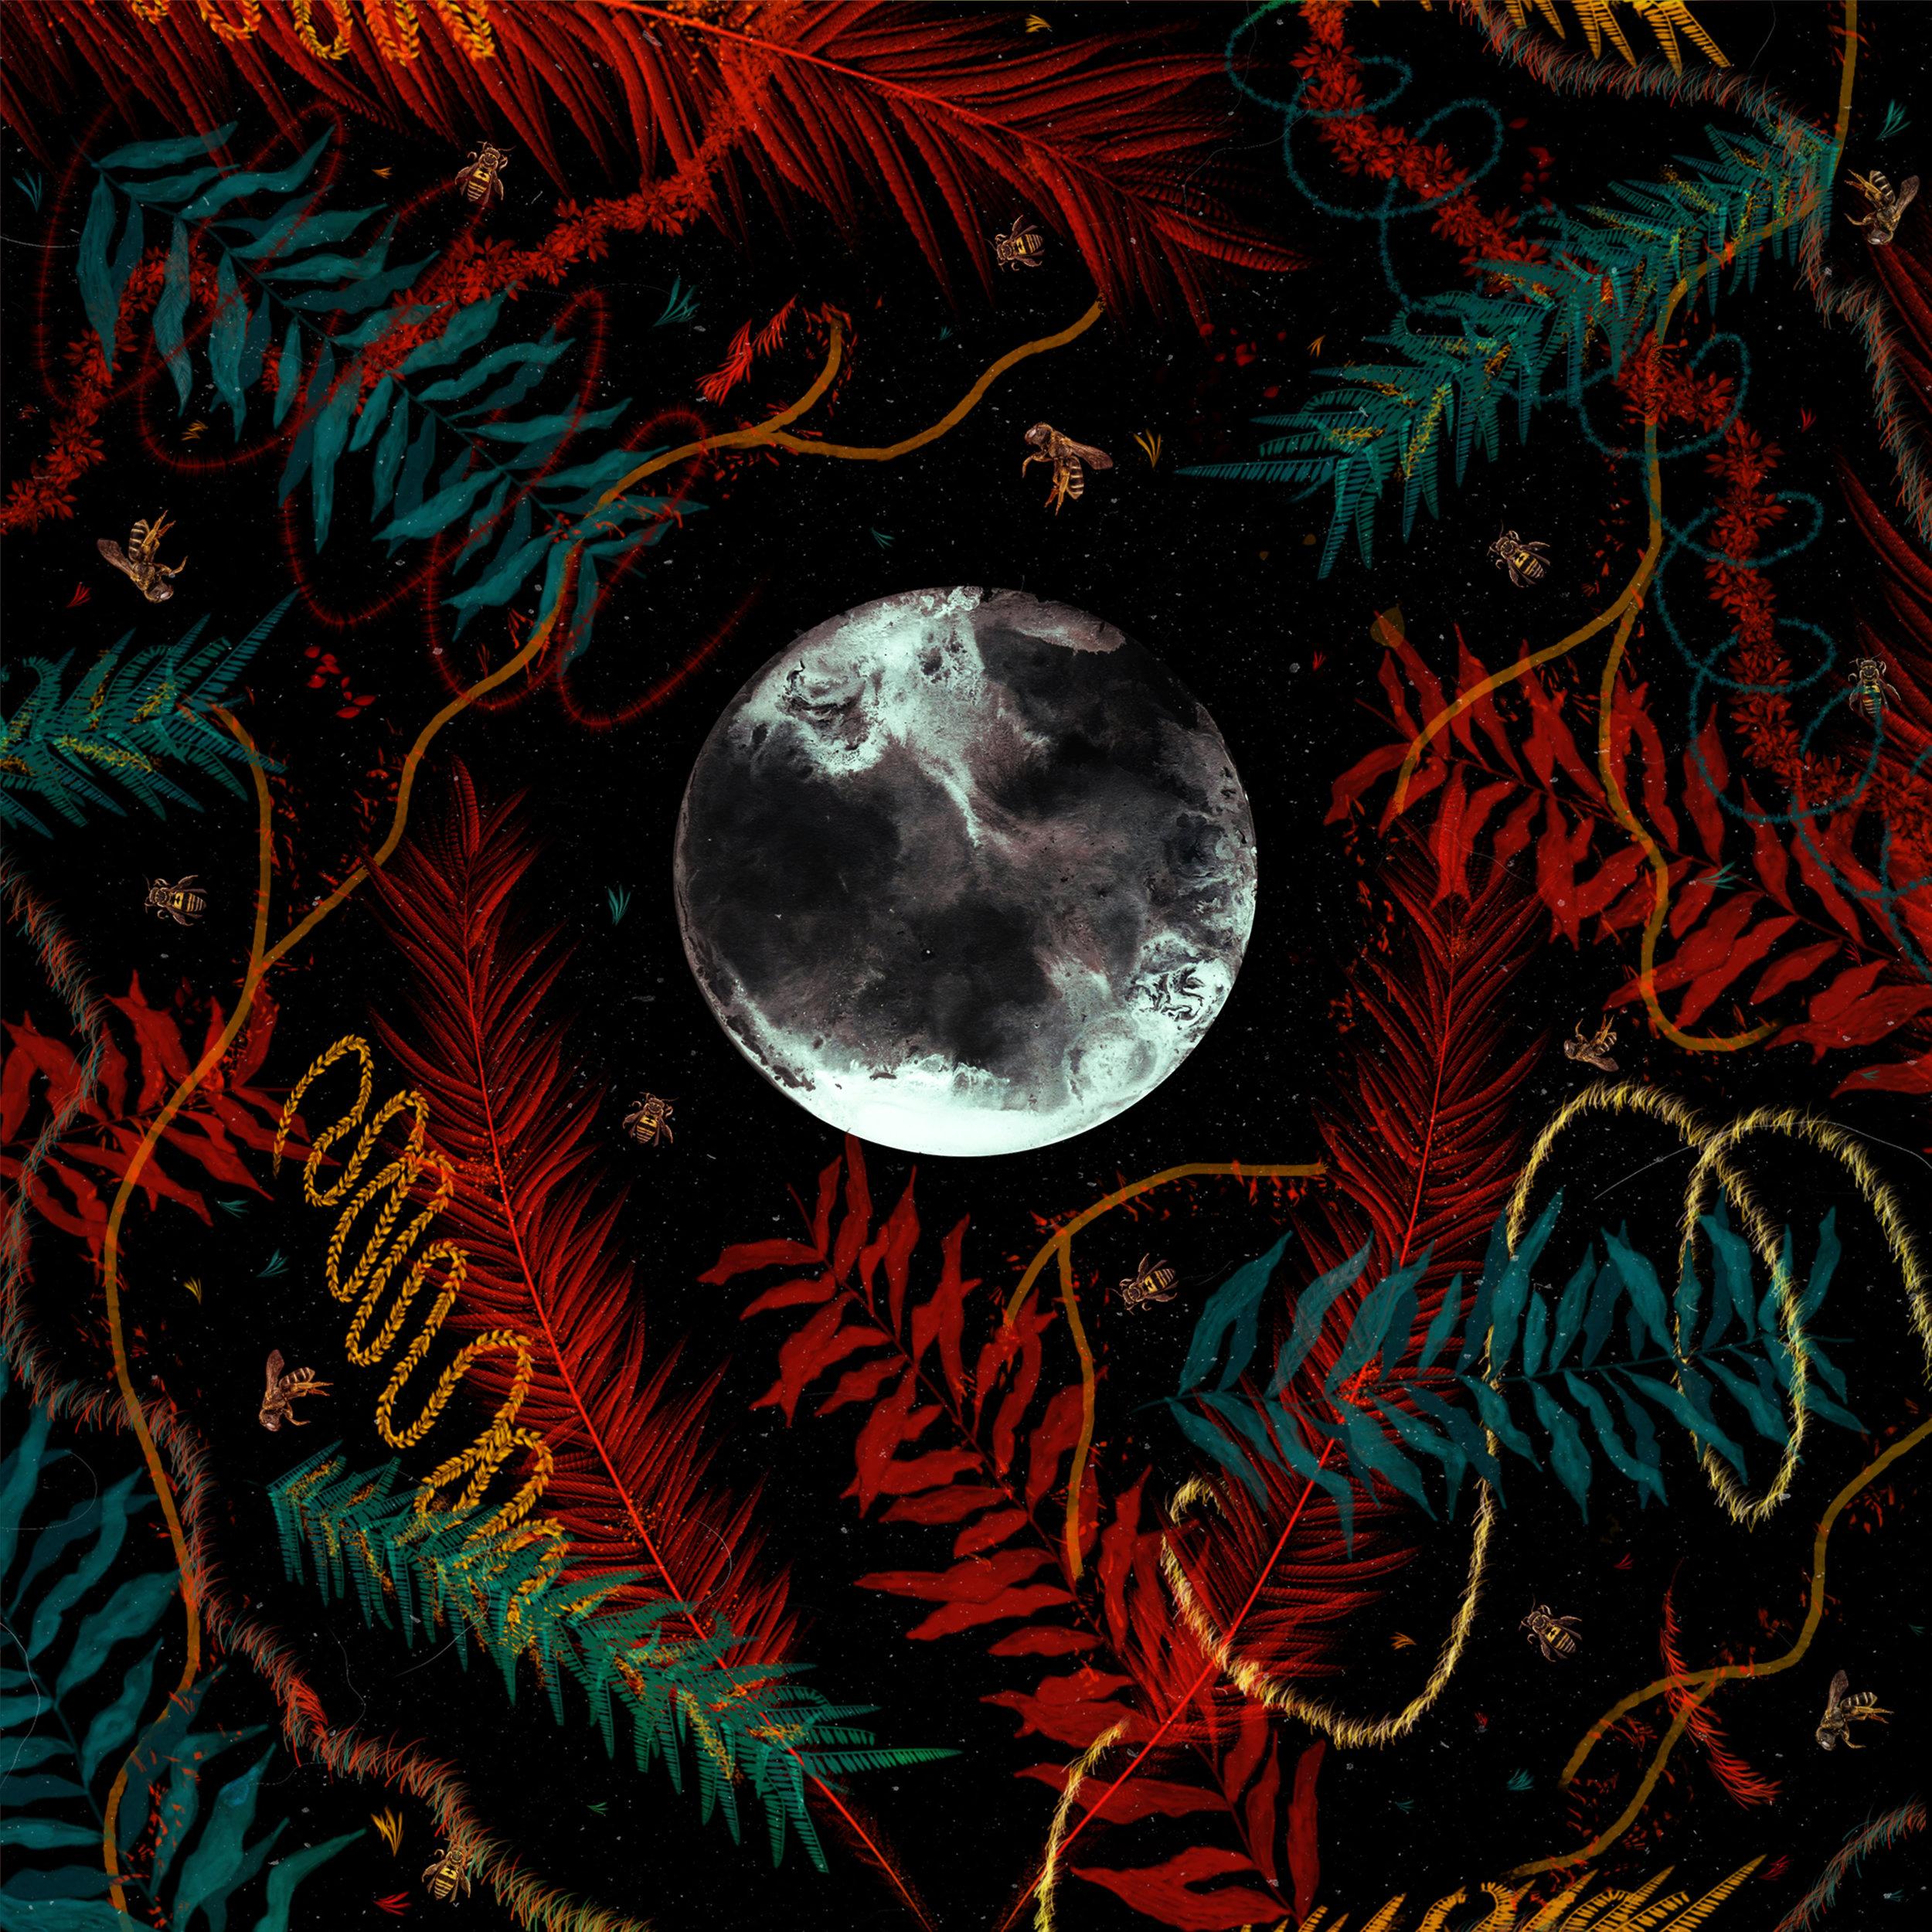 luna flora